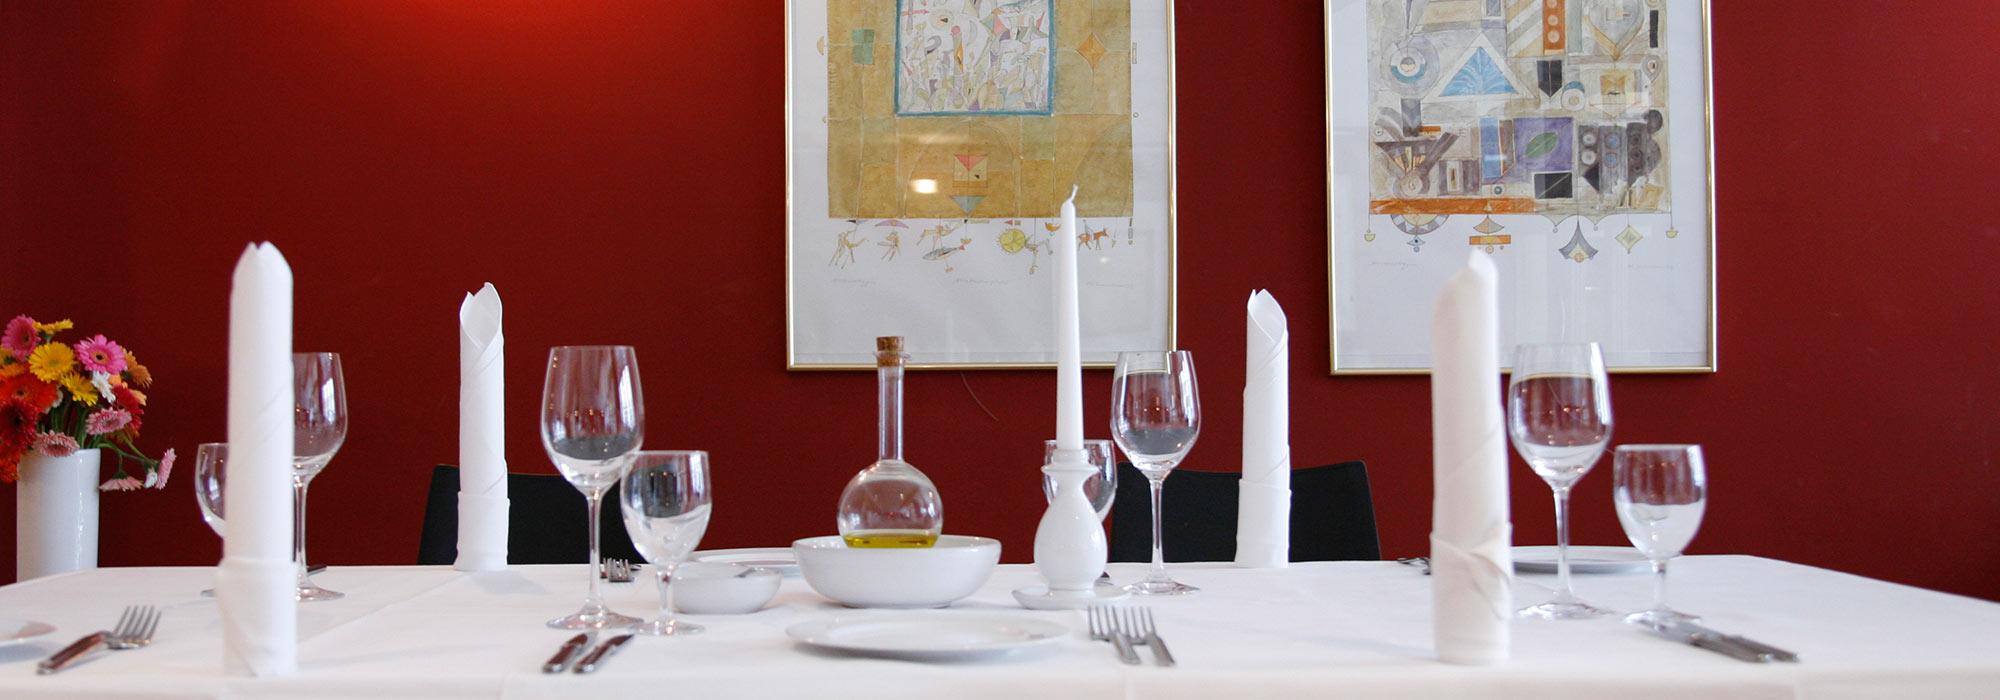 restaurant-osteria-vineria